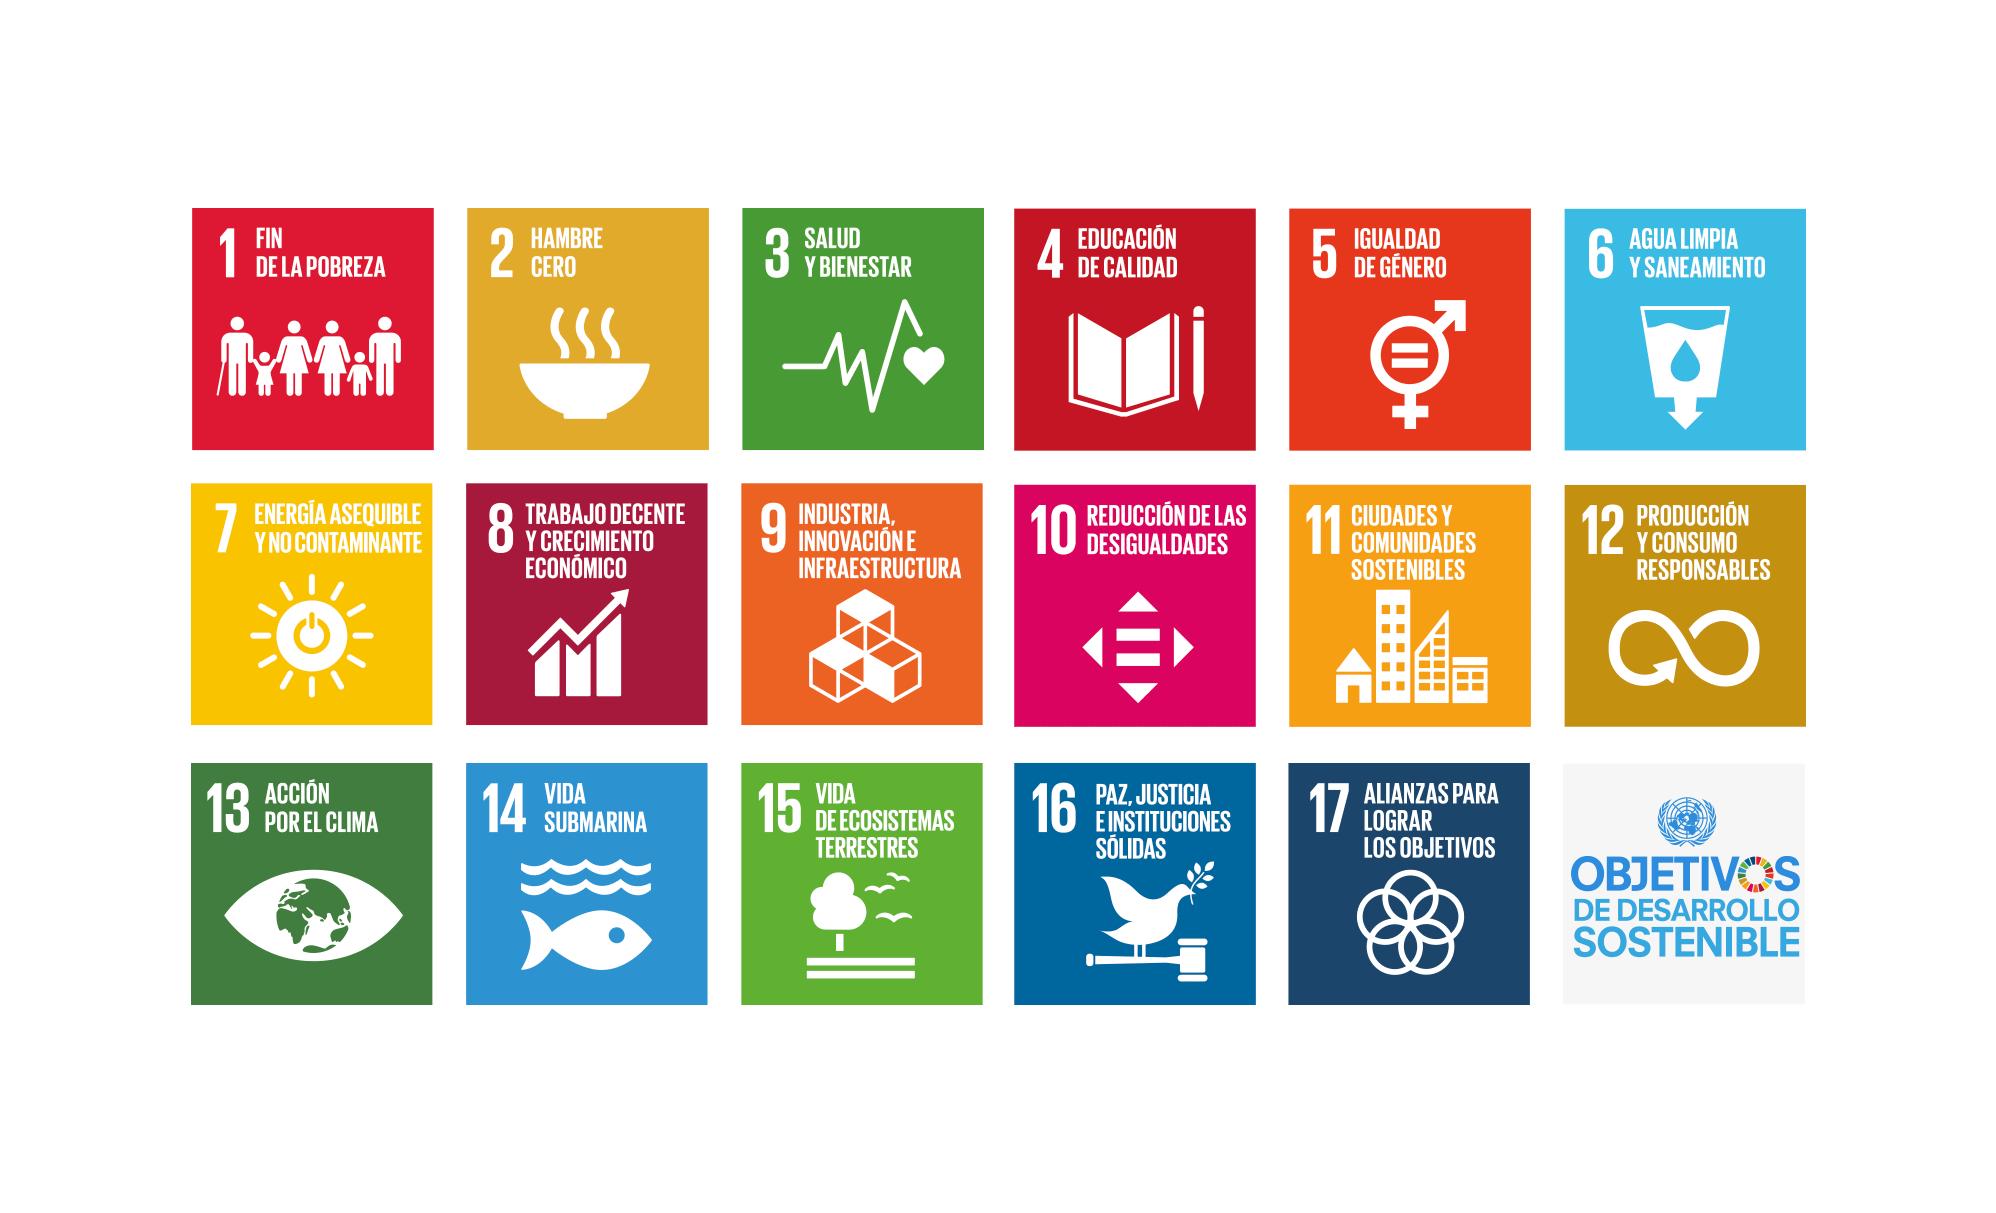 Objetivos de Desarrollo Sostenible - Apambu